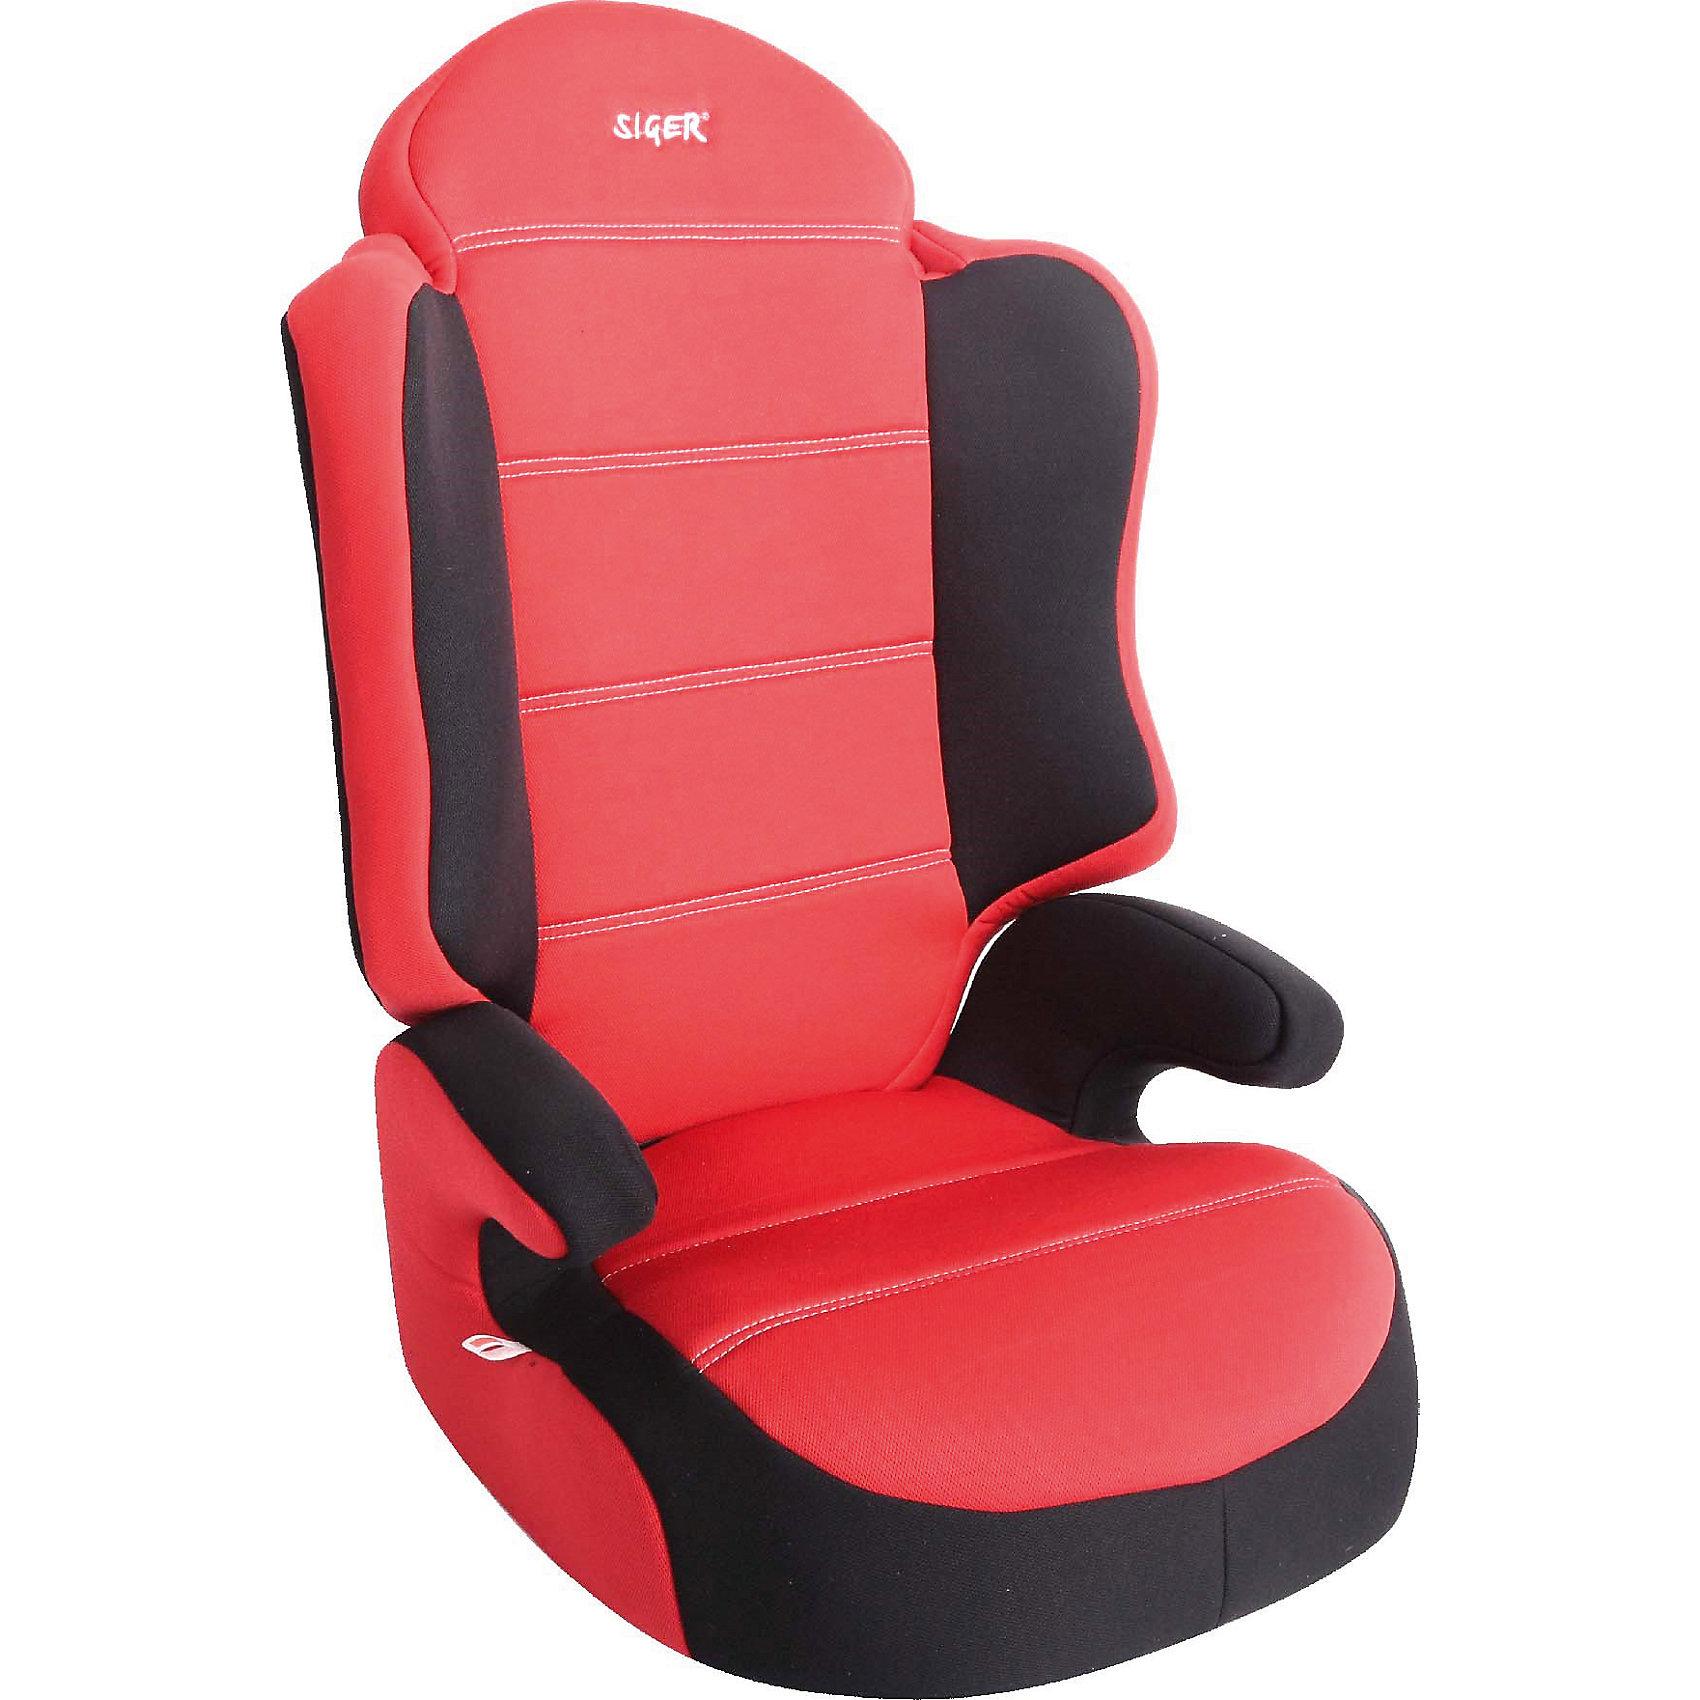 Автокресло Siger Спорт, 15-36 кг, красныйГруппа 2-3 (От 15 до 36 кг)<br>Характеристики:<br><br>• группа: 2/3;<br>• вес ребенка: 15-36 кг;<br>• возраст ребенка: от 3 до 12 лет;<br>• способ крепления: штатный ремень безопасности автомобиля;<br>• способ установки: по ходу движения автомобиля;<br>• усиленный каркас;<br>• округлая форма широкого сиденья;<br>• анатомическая форма кресла;<br>• имеется специальный фиксатор, который контролирует прохождение ремня;<br>• дополнительная защита от боковых ударов;<br>• имеются подлокотники и широкие боковинки;<br>• функция бустера;<br>• чехол снимается и стирается при температуре 30 градусов;<br>• материал: пластик, полиэстер;<br>• размер автокресла: 42х48х58 см;<br>• вес автокресла: 4,4 кг.<br><br>Автокресло группы 2-3 предназначено для детей в возрасте от 3 до 12 лет. В возрасте от 3 до 7 лет кресло используется со спинкой, затем спинка снимается, и ребенок сидит на специальном бустере. Встроенные ремни безопасности отсутствуют, ребенок пристегивается штатным ремнем безопасности автомобиля. <br><br>Автокресло Спорт, 15-36 кг., SIGER, цвет красный можно купить в нашем интернет-магазине.<br><br>Ширина мм: 440<br>Глубина мм: 420<br>Высота мм: 800<br>Вес г: 3800<br>Возраст от месяцев: 36<br>Возраст до месяцев: 144<br>Пол: Унисекс<br>Возраст: Детский<br>SKU: 5409372